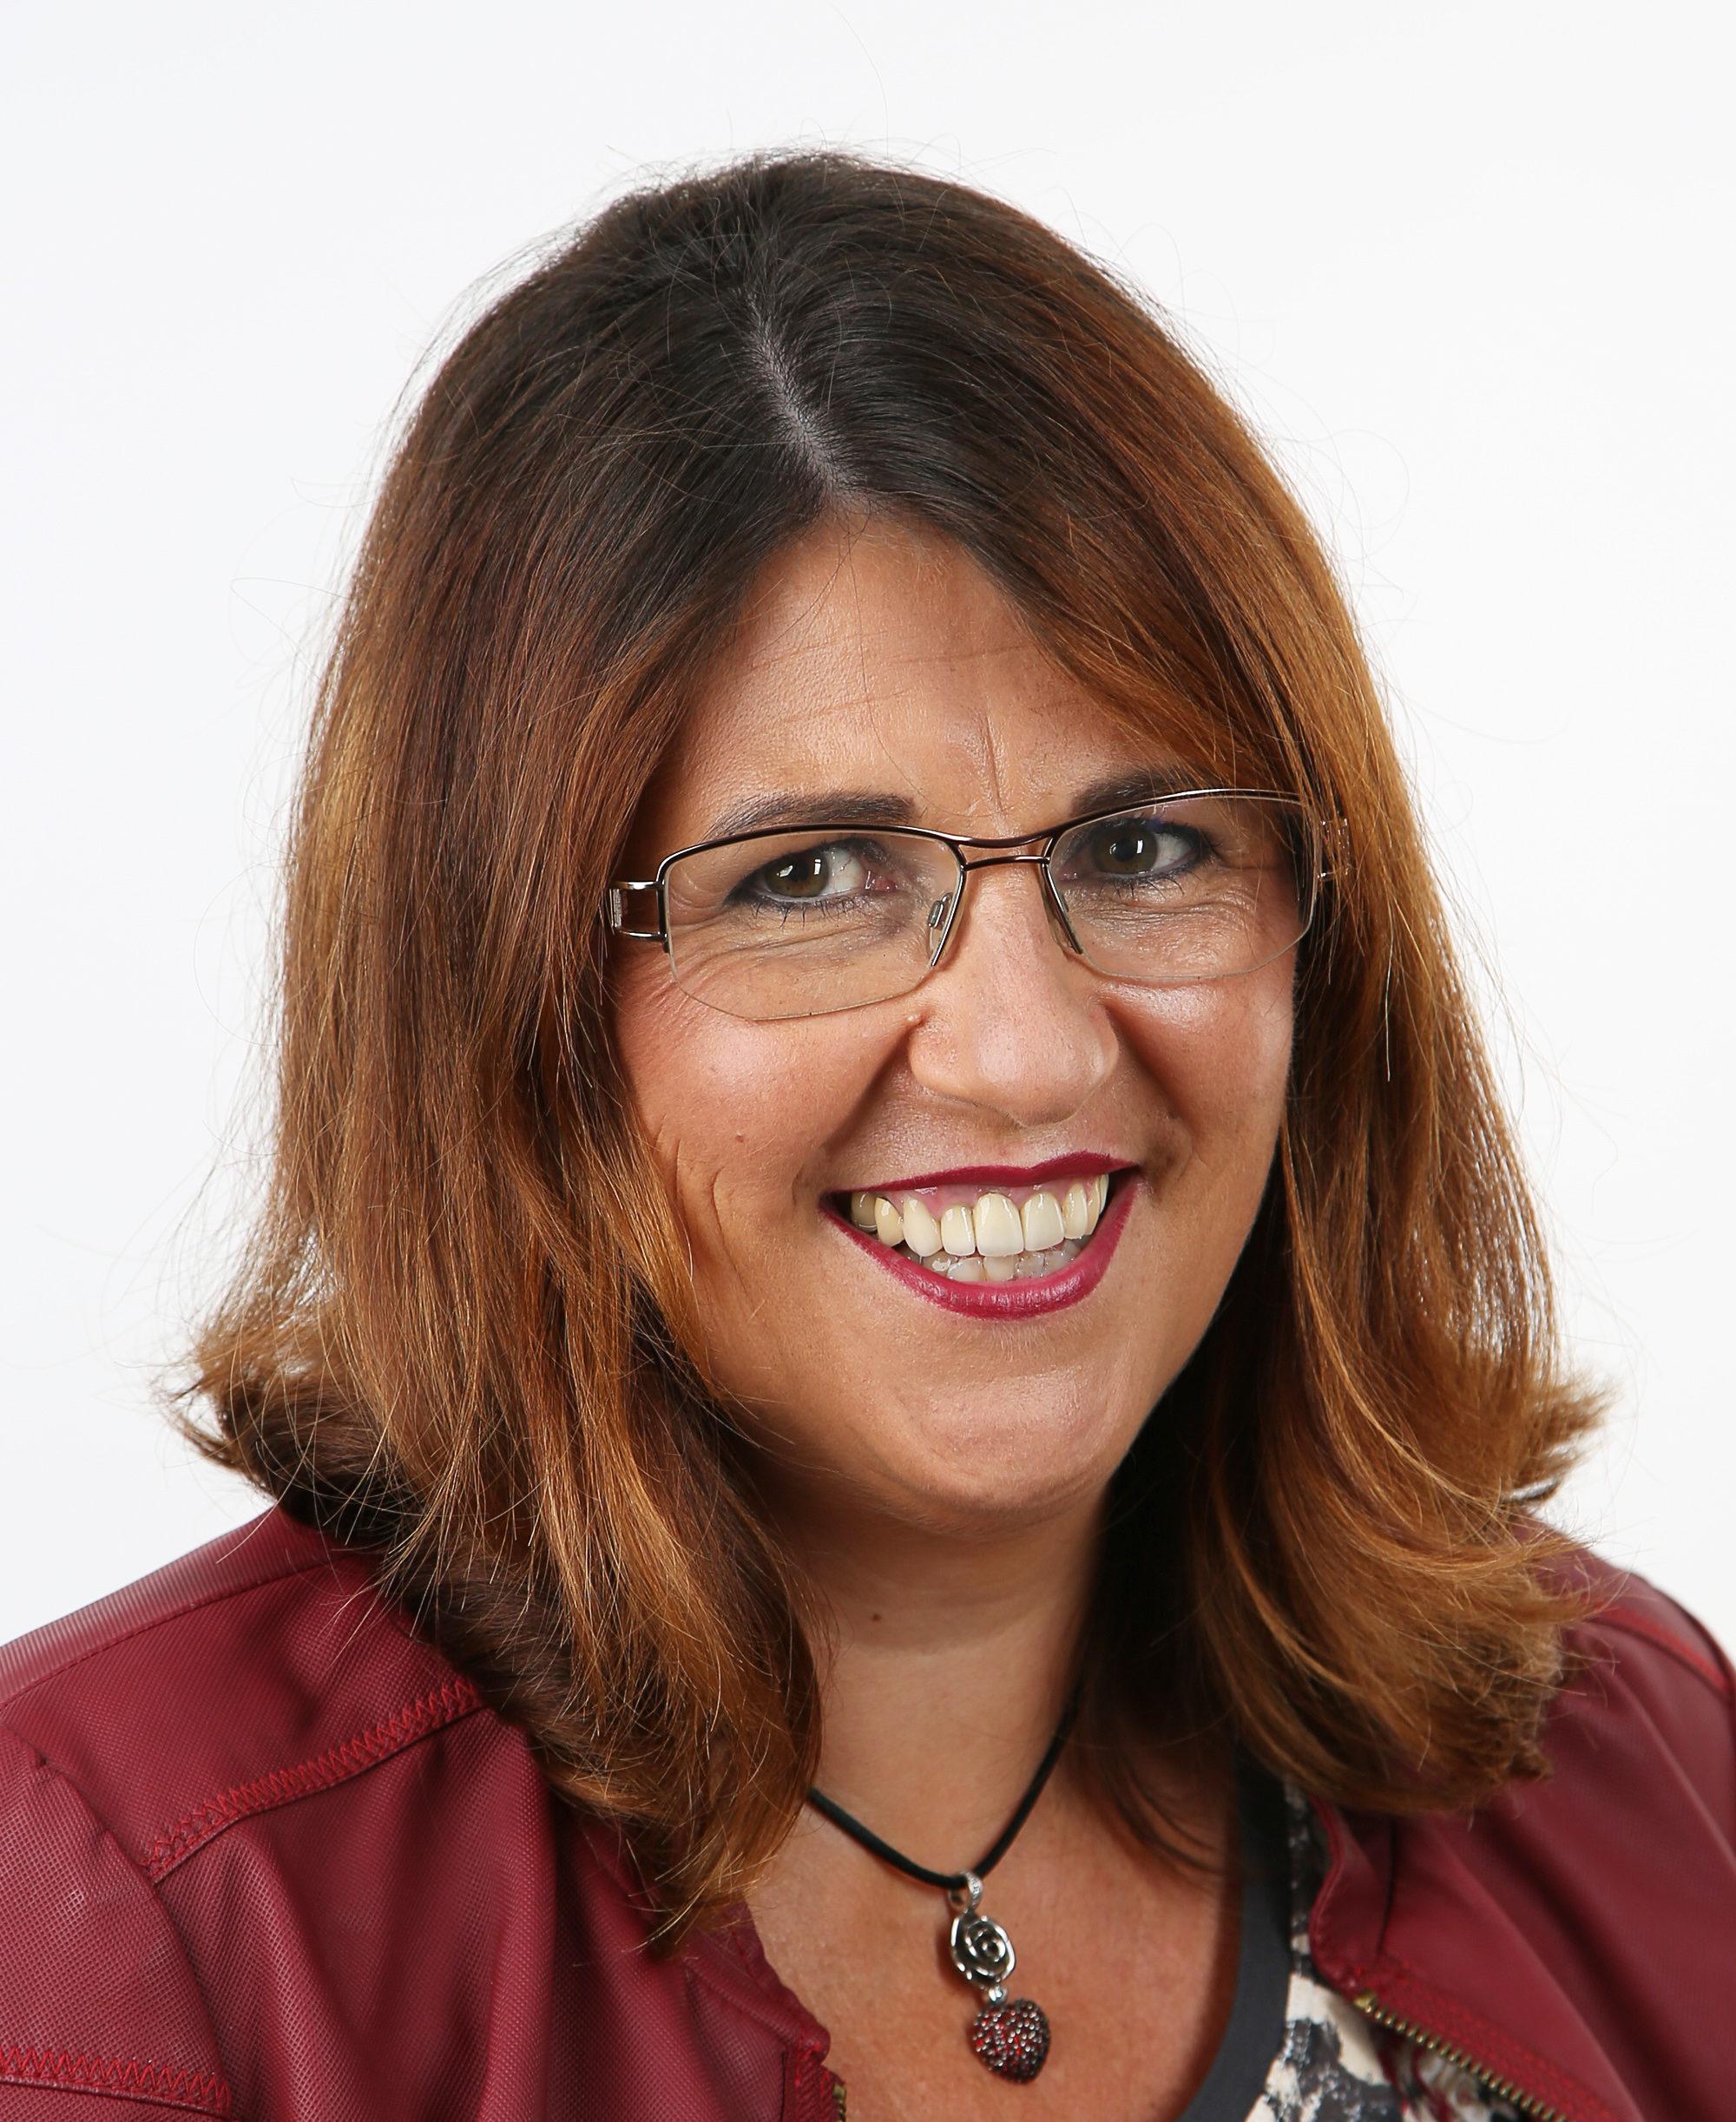 Channoine IN-ViTA-POINT Renate Wittmann Schönheit Visagistik Vitalität